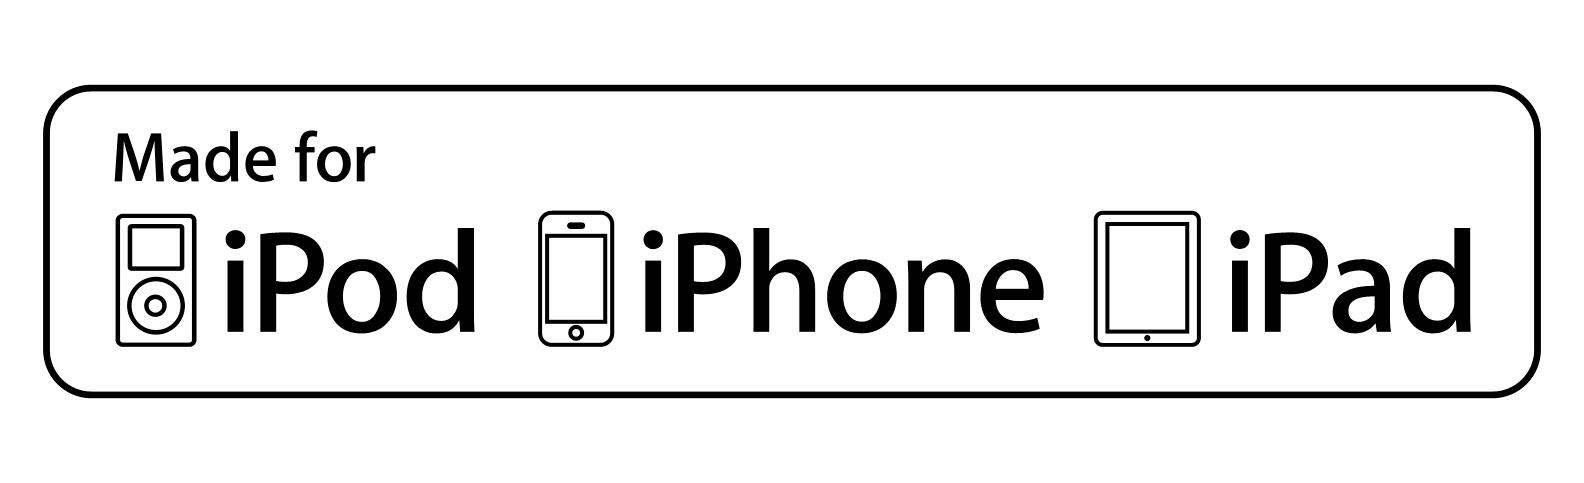 HT1665--combo_ipod_iphone_ipad-001-en.jpg